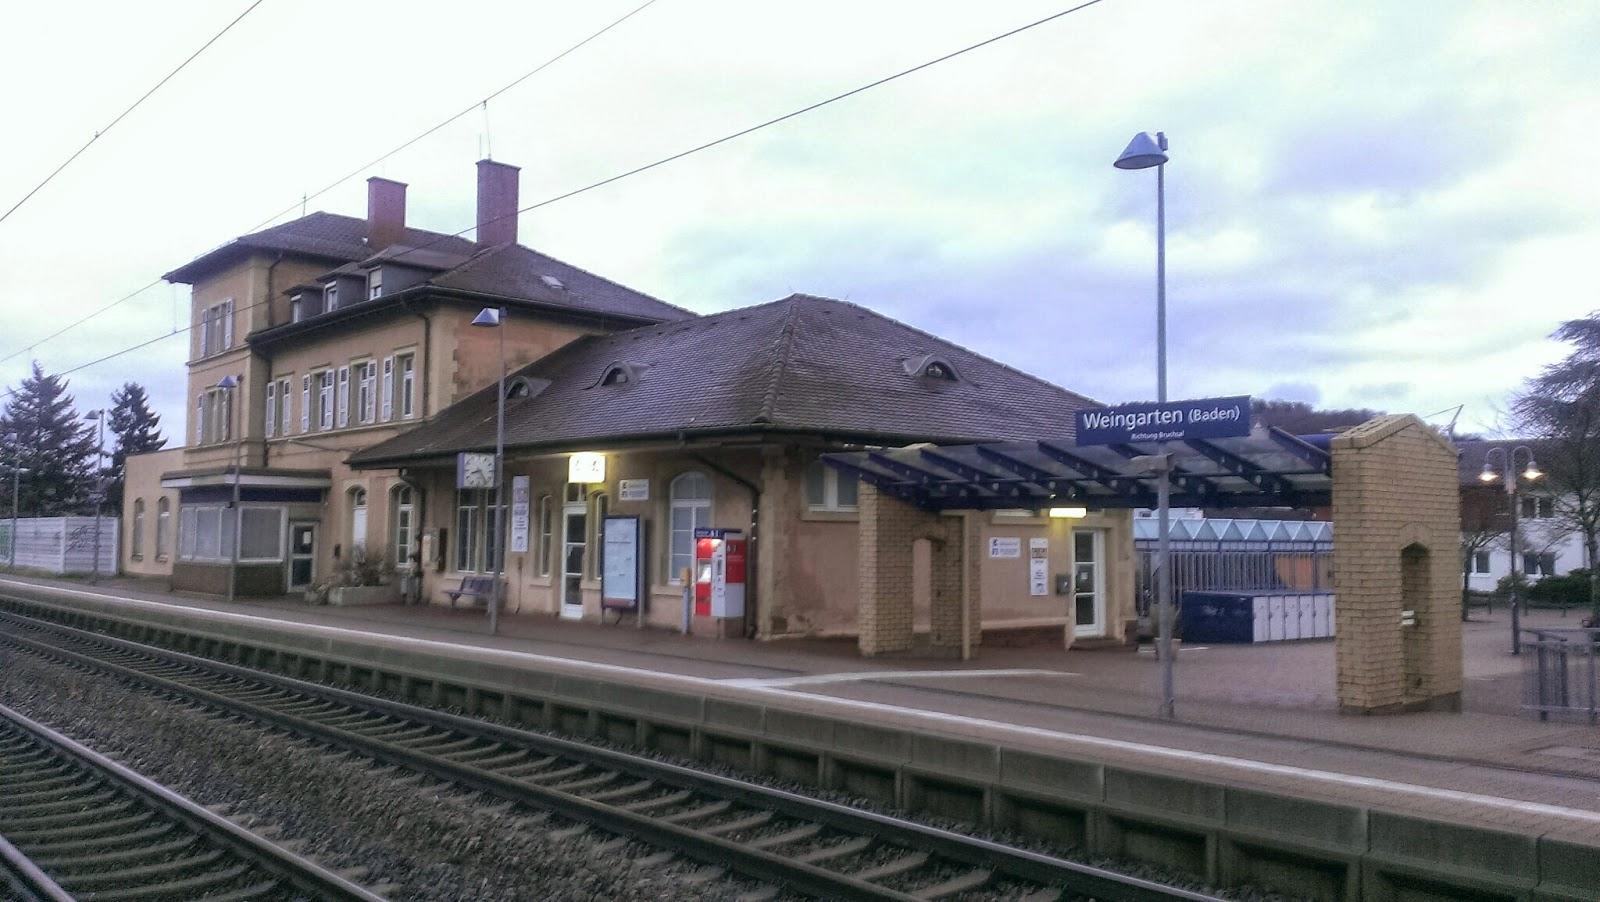 鄰近小鎮的可愛車站